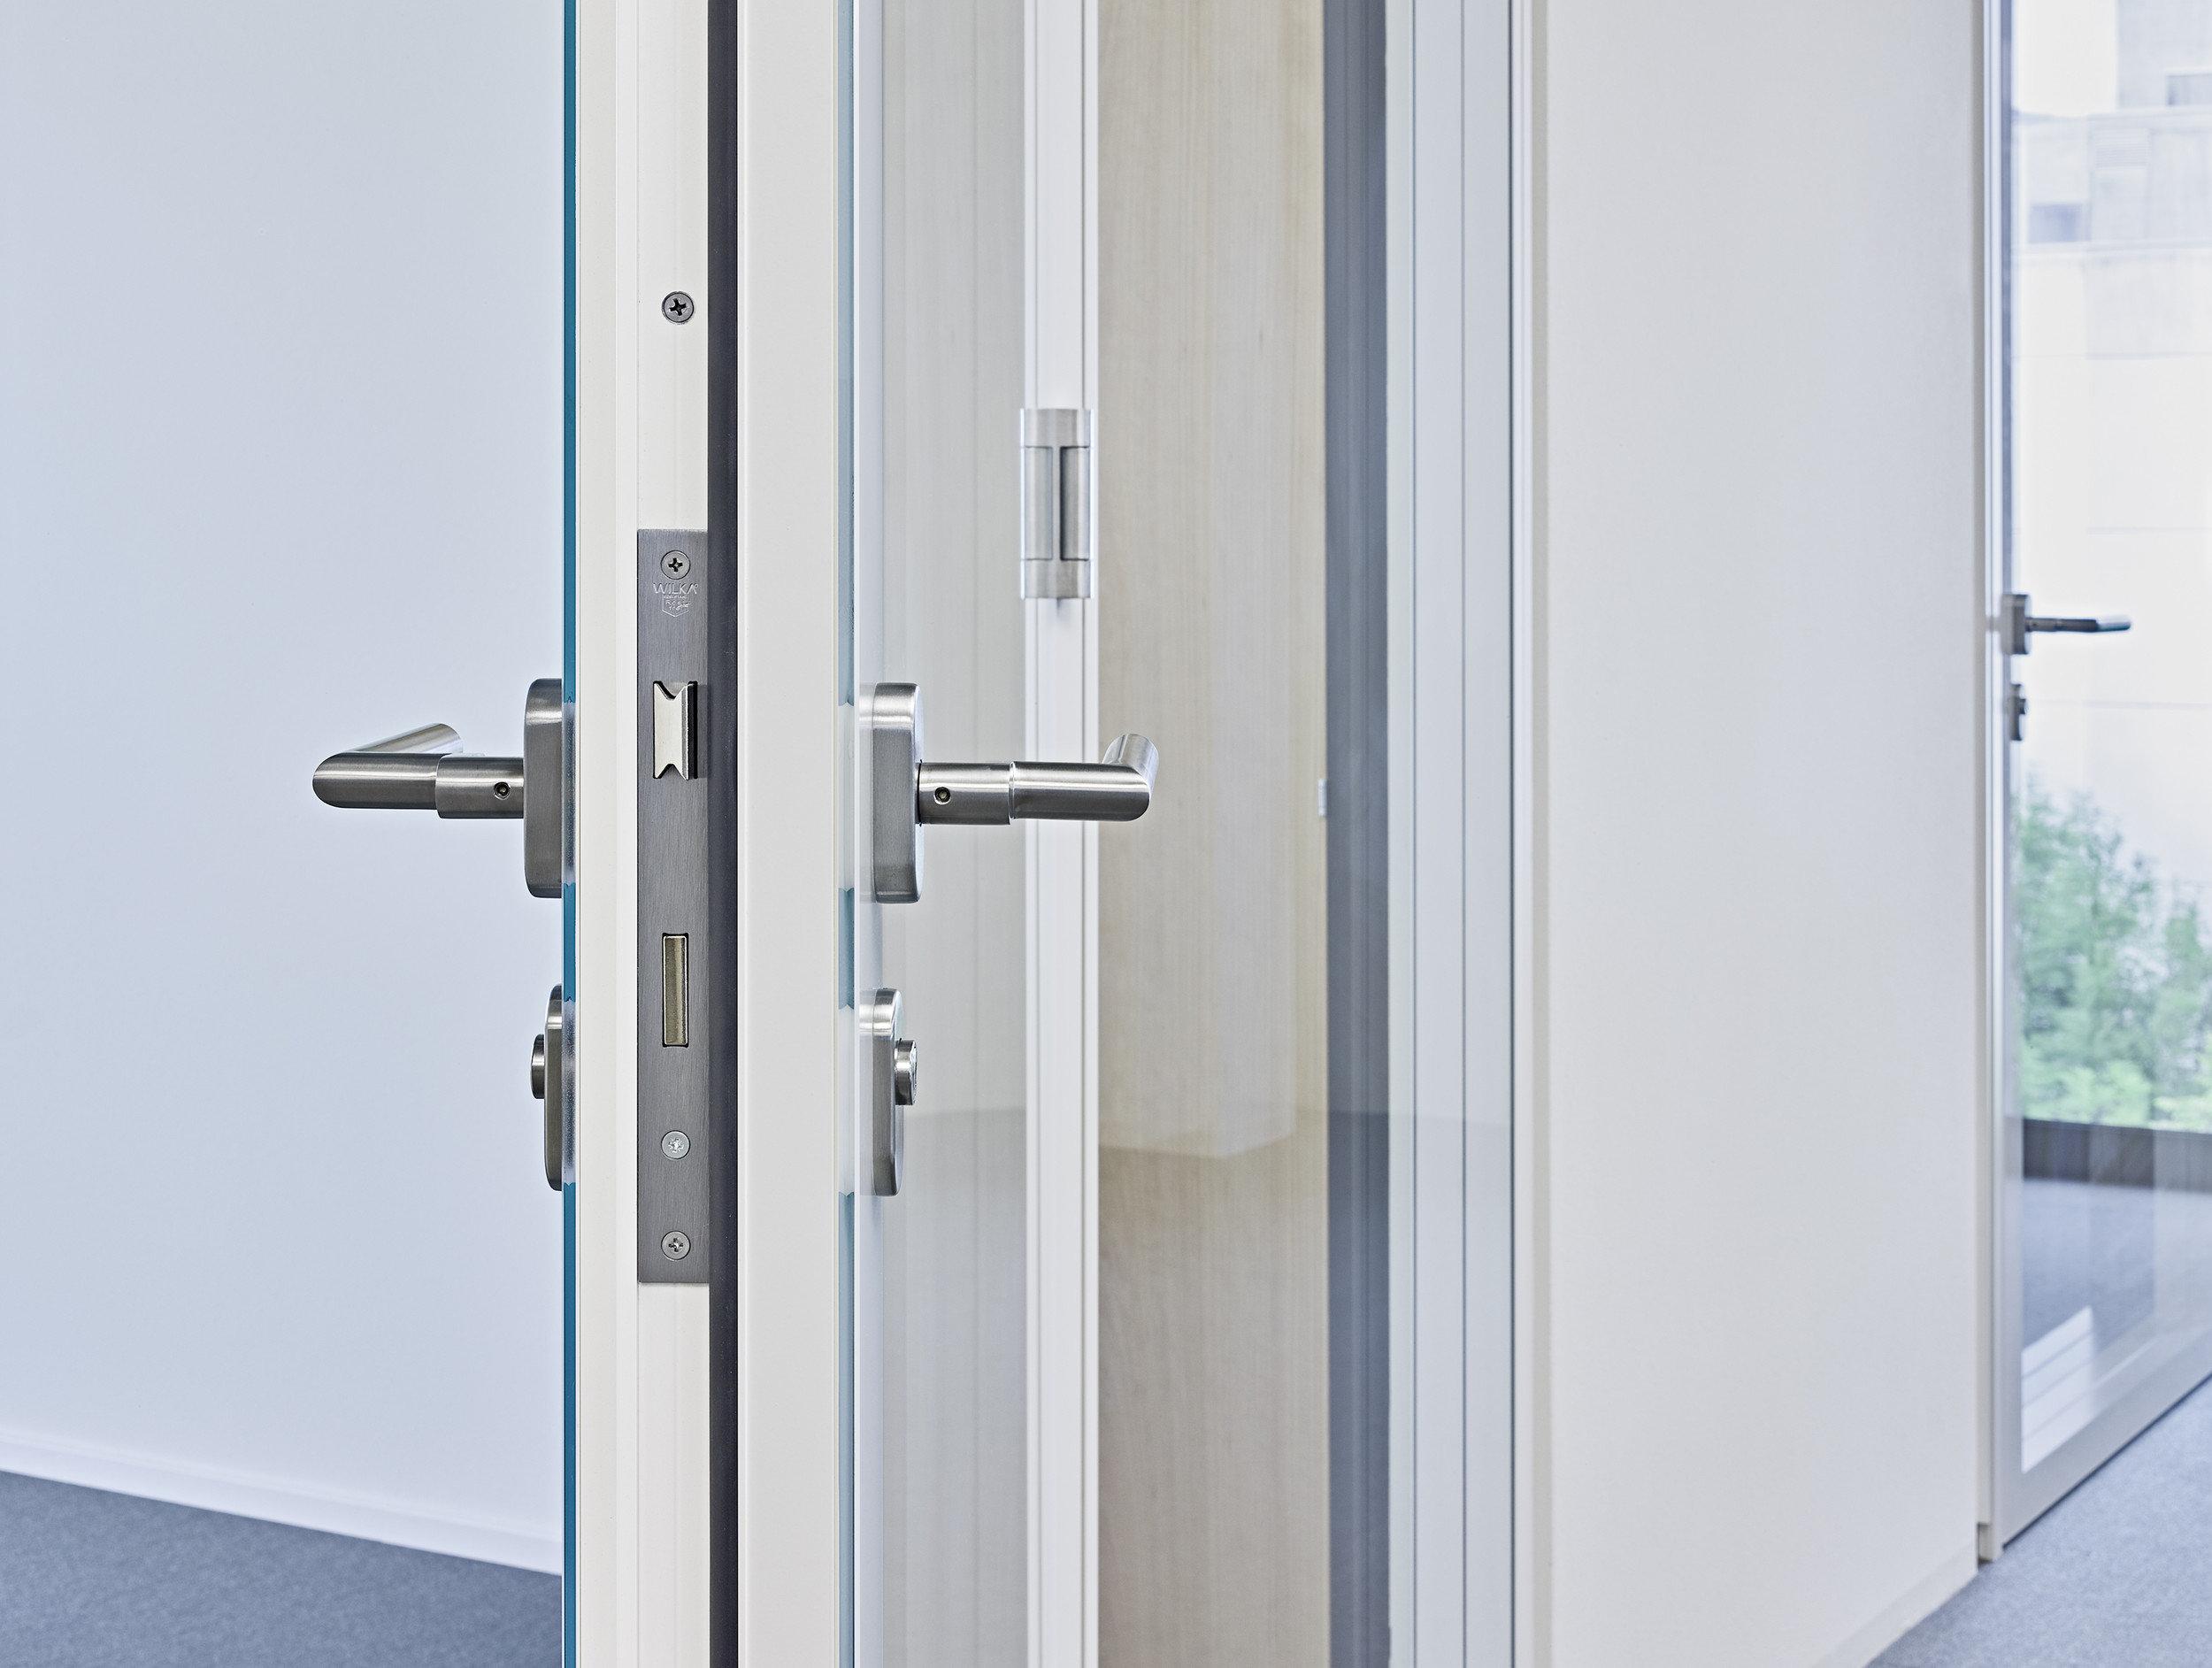 Fokus auf modernen silbernen Türgriff einer Brandschutztür mit Fensterteil